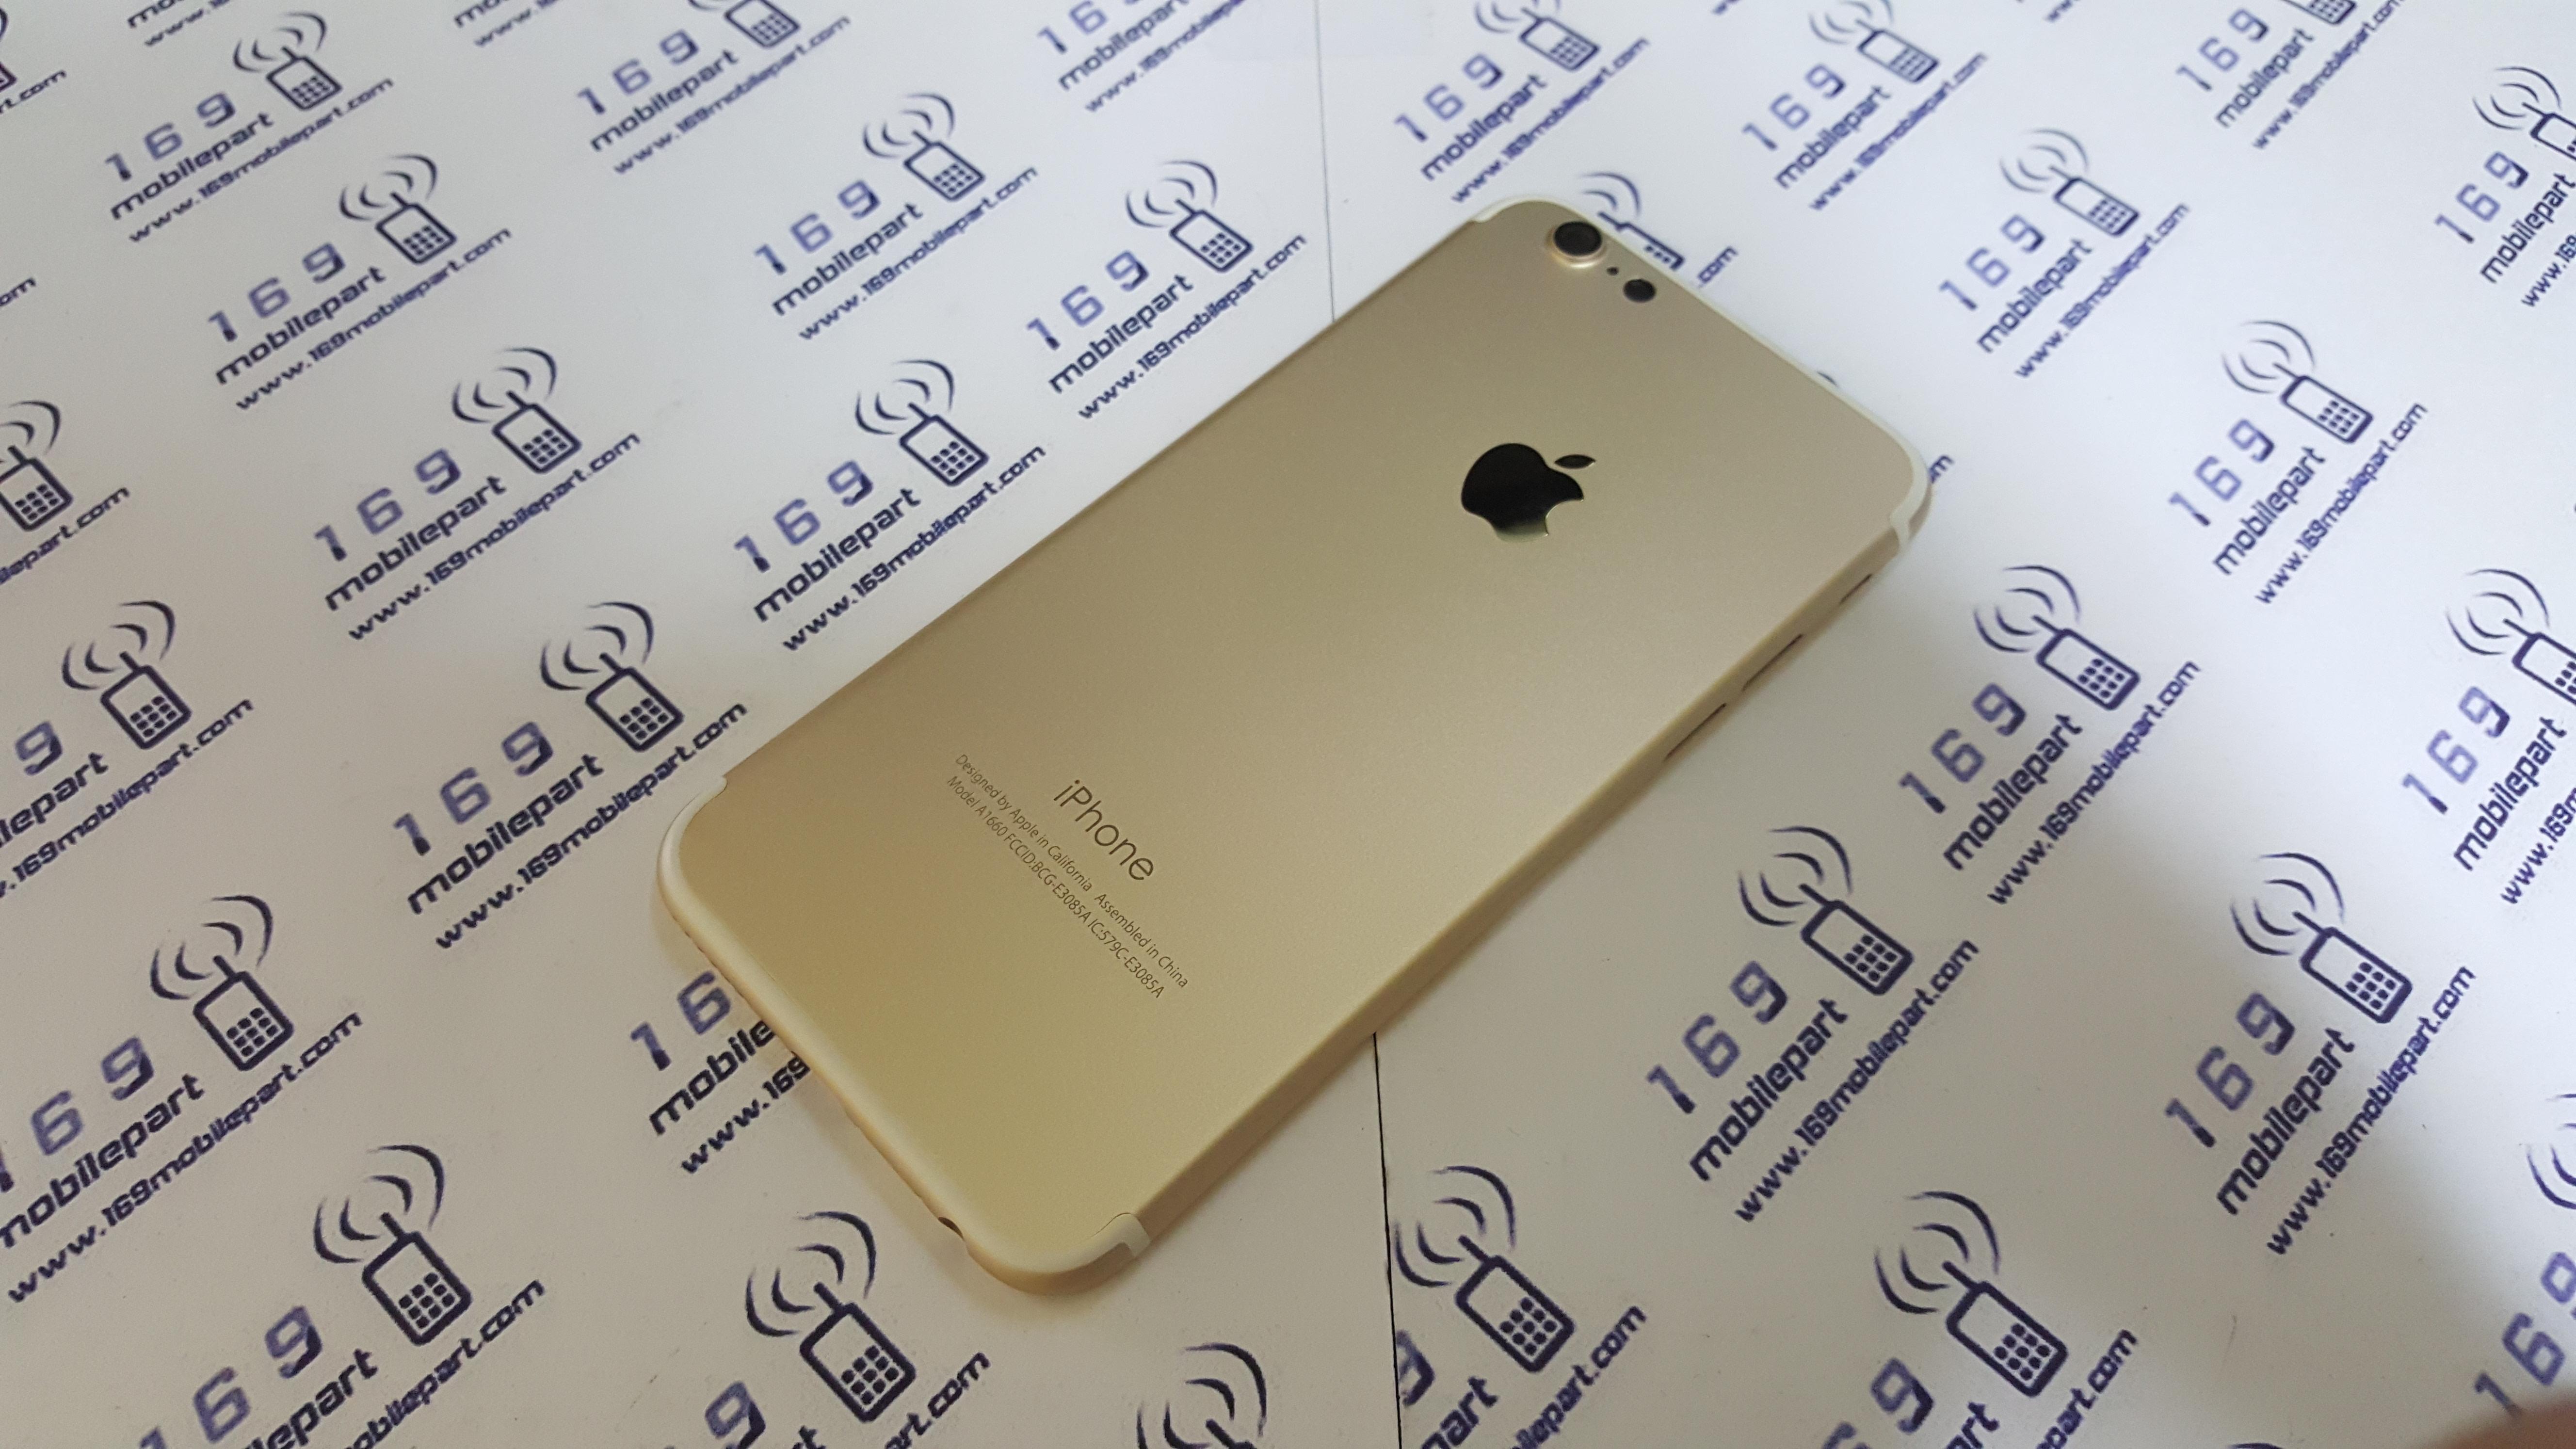 บอดี้ iPhone 6 แปลง i7 สี ทอง